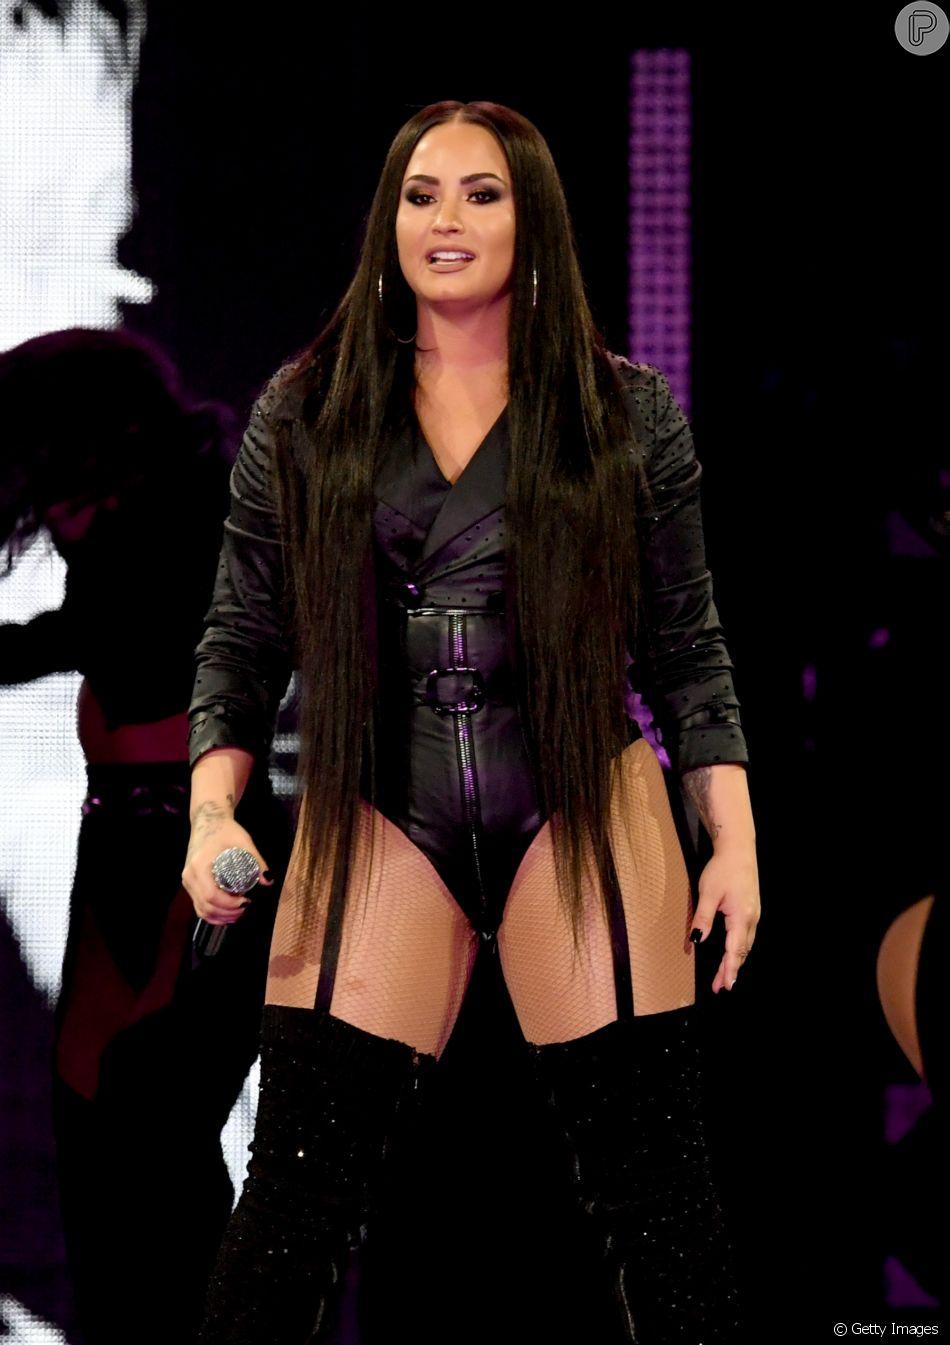 Demi Lovato deu festa em sua casa em Hollywood Hills, em Los Angeles, antes de ter overdose nessa terça-feira, dia 24 de julho de 2018